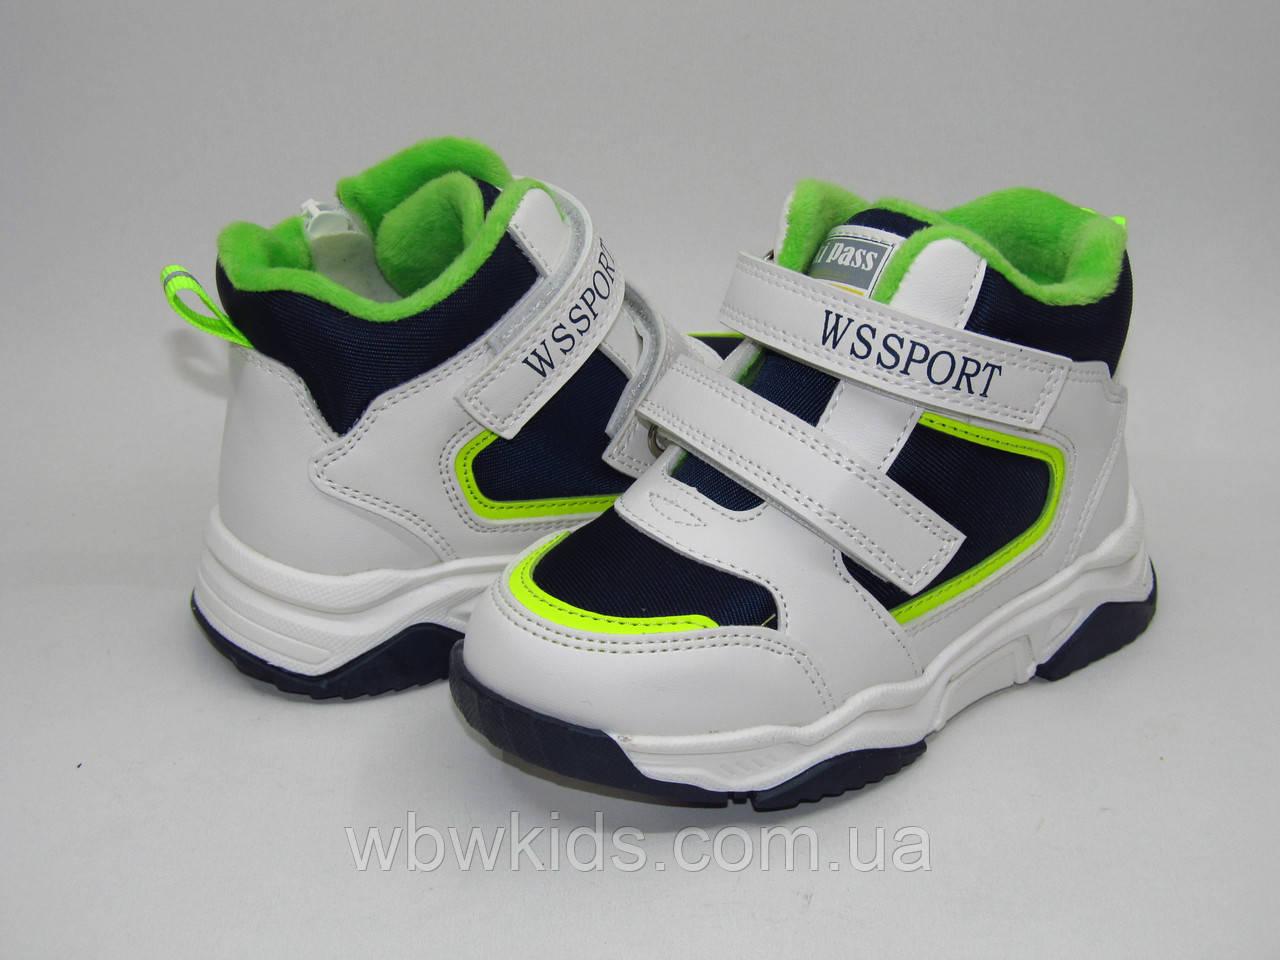 Ботинки детские Weestep R927555245 W для мальчика белые